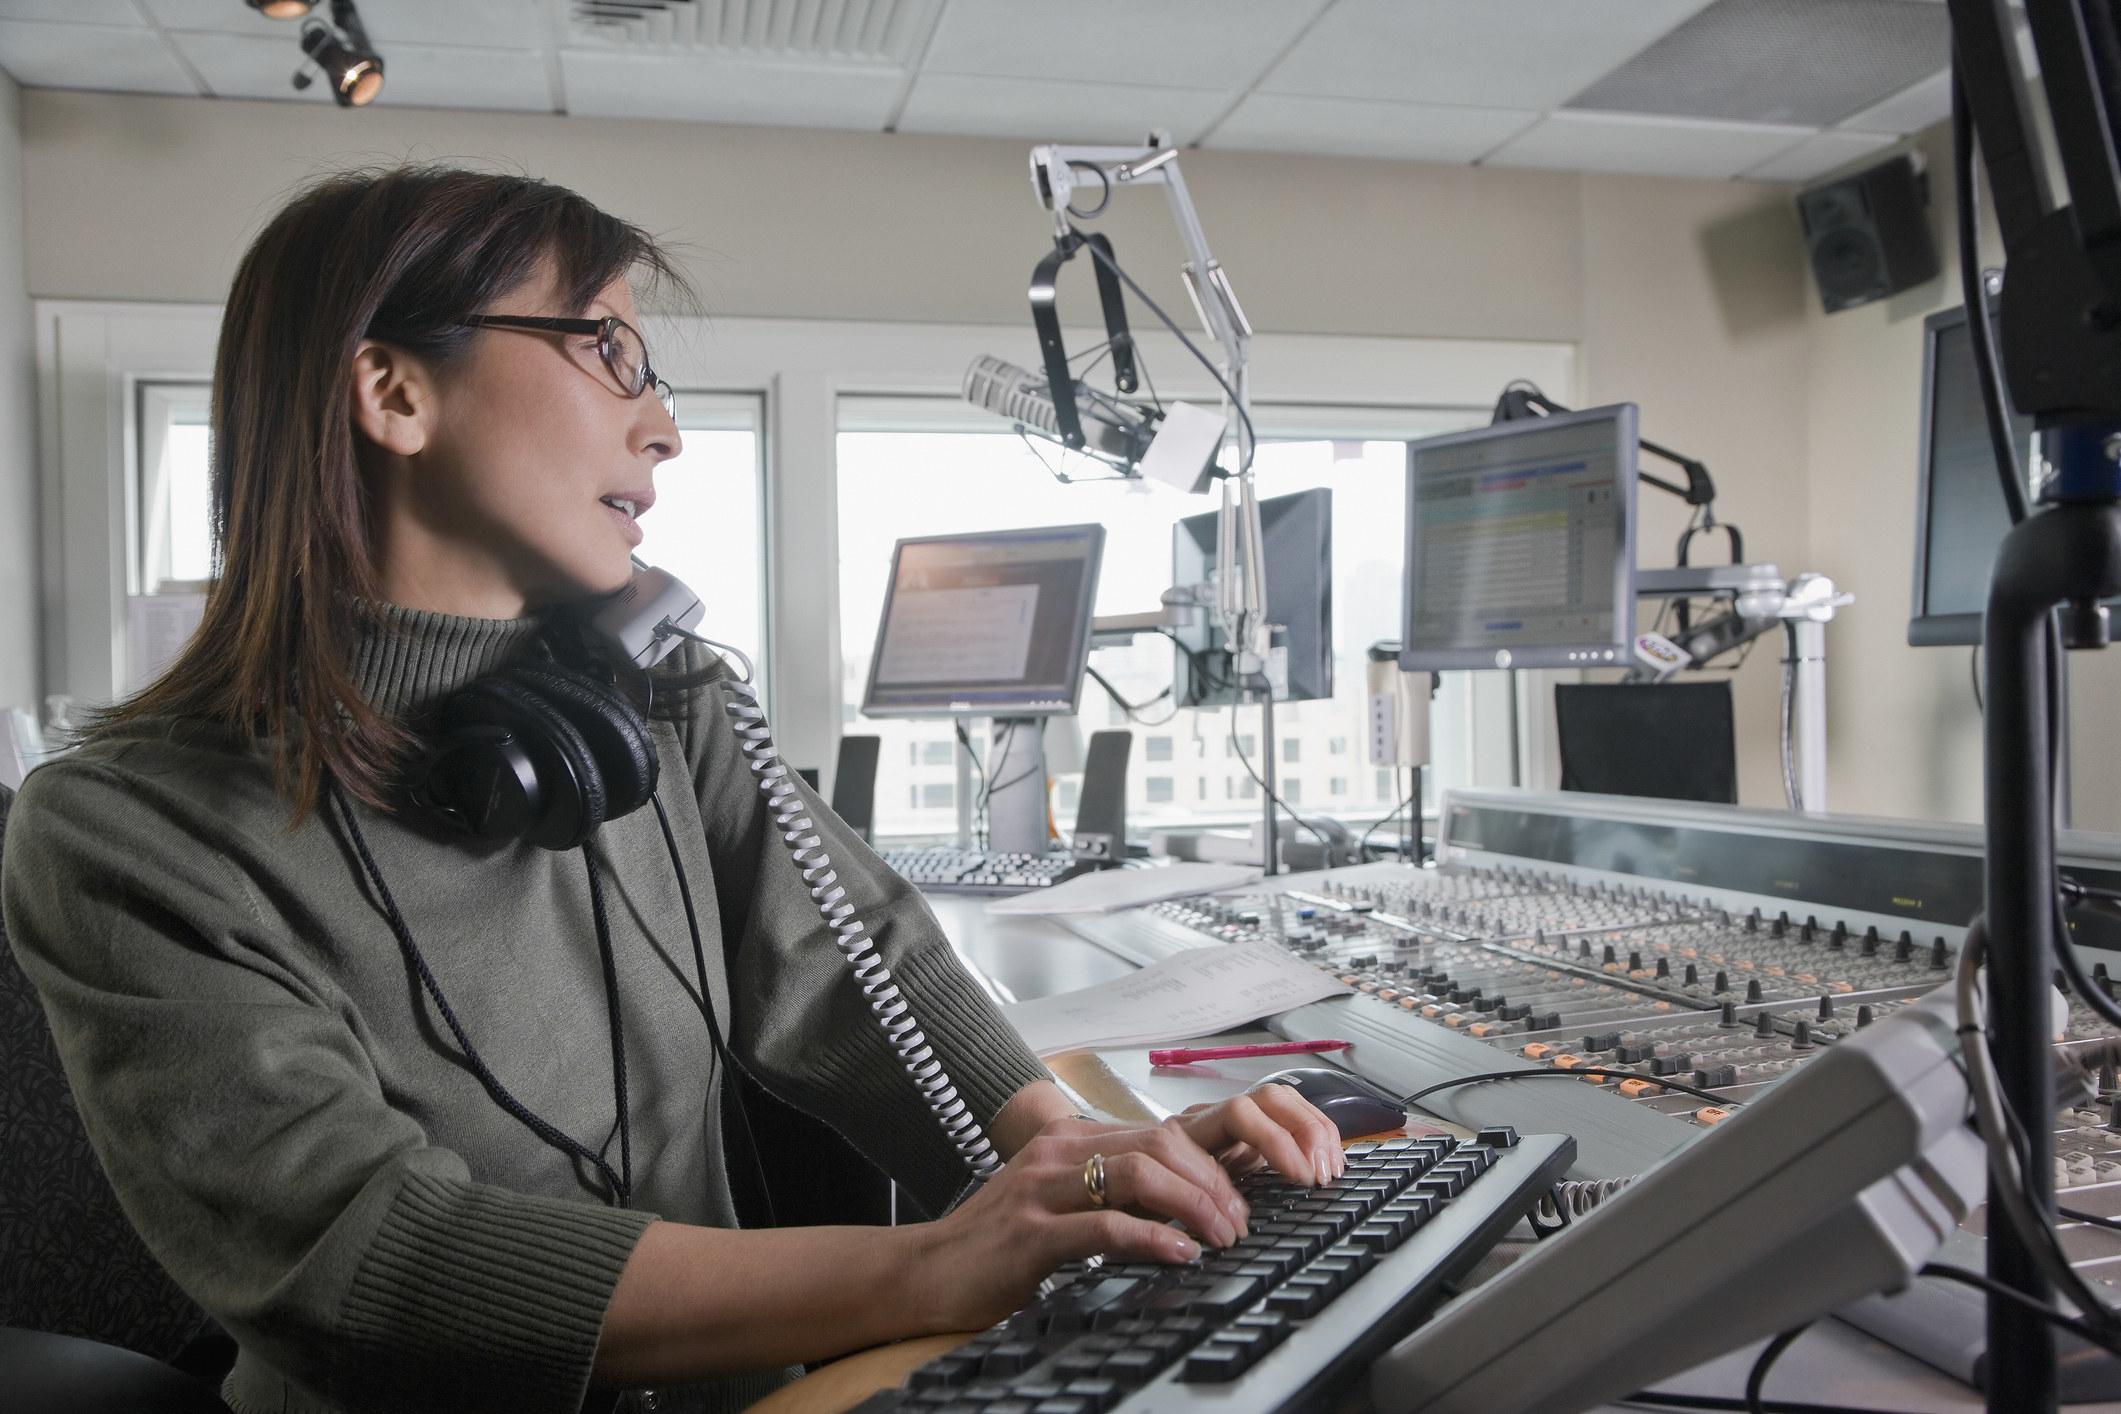 Woman in a radio studio